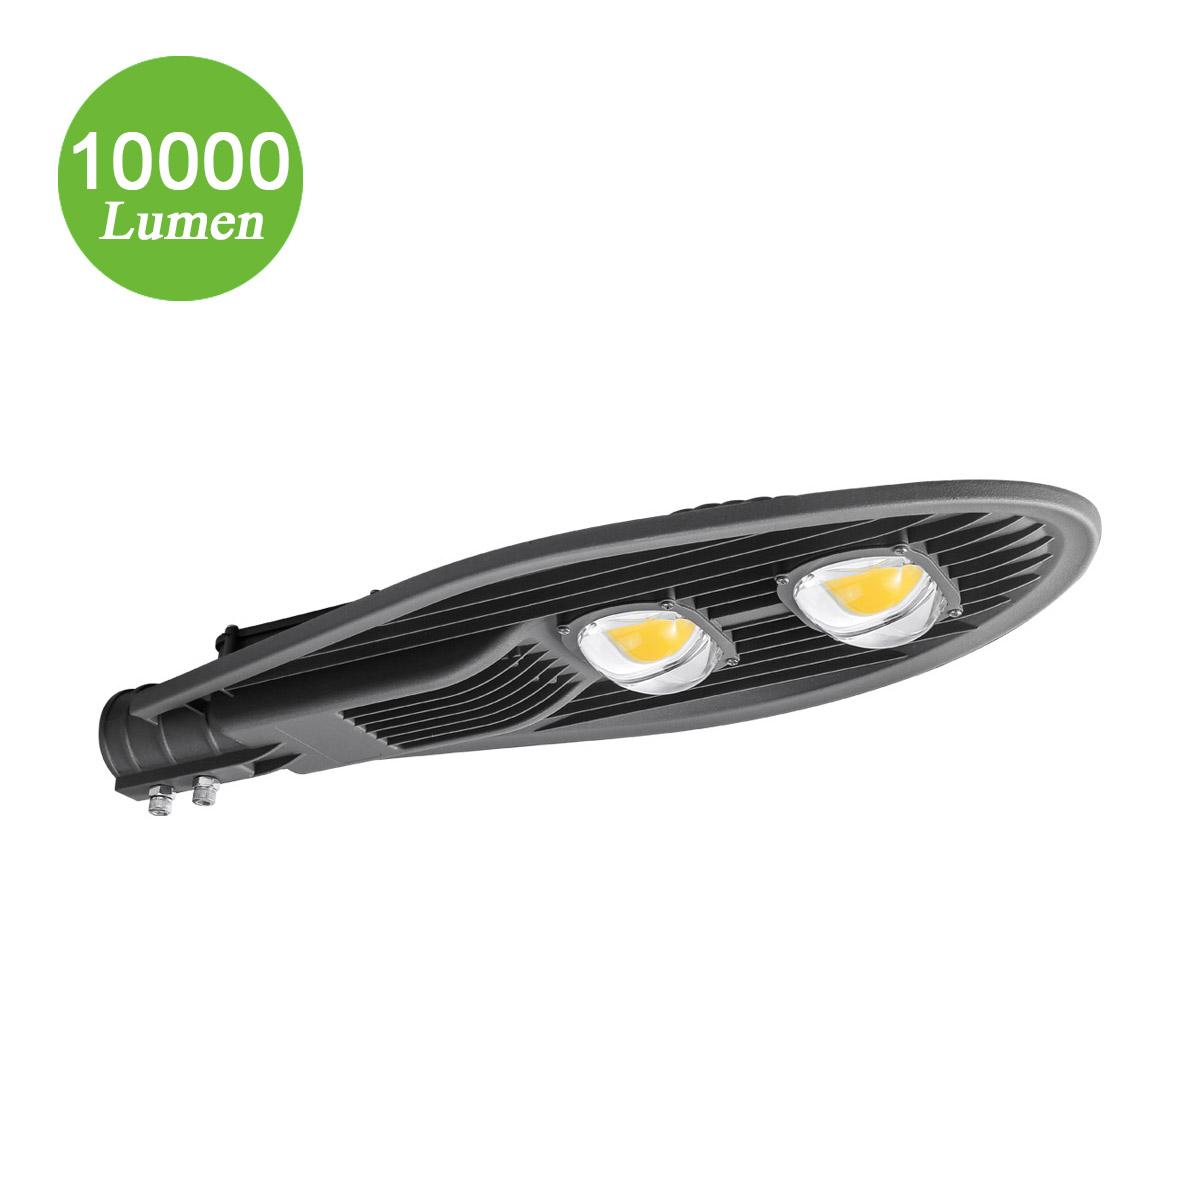 100W Gartenlampen, Φ55-63mm, 10000lm Straßenbeleuchtung, entspricht 250W NH-Lampe, Kaltweiß